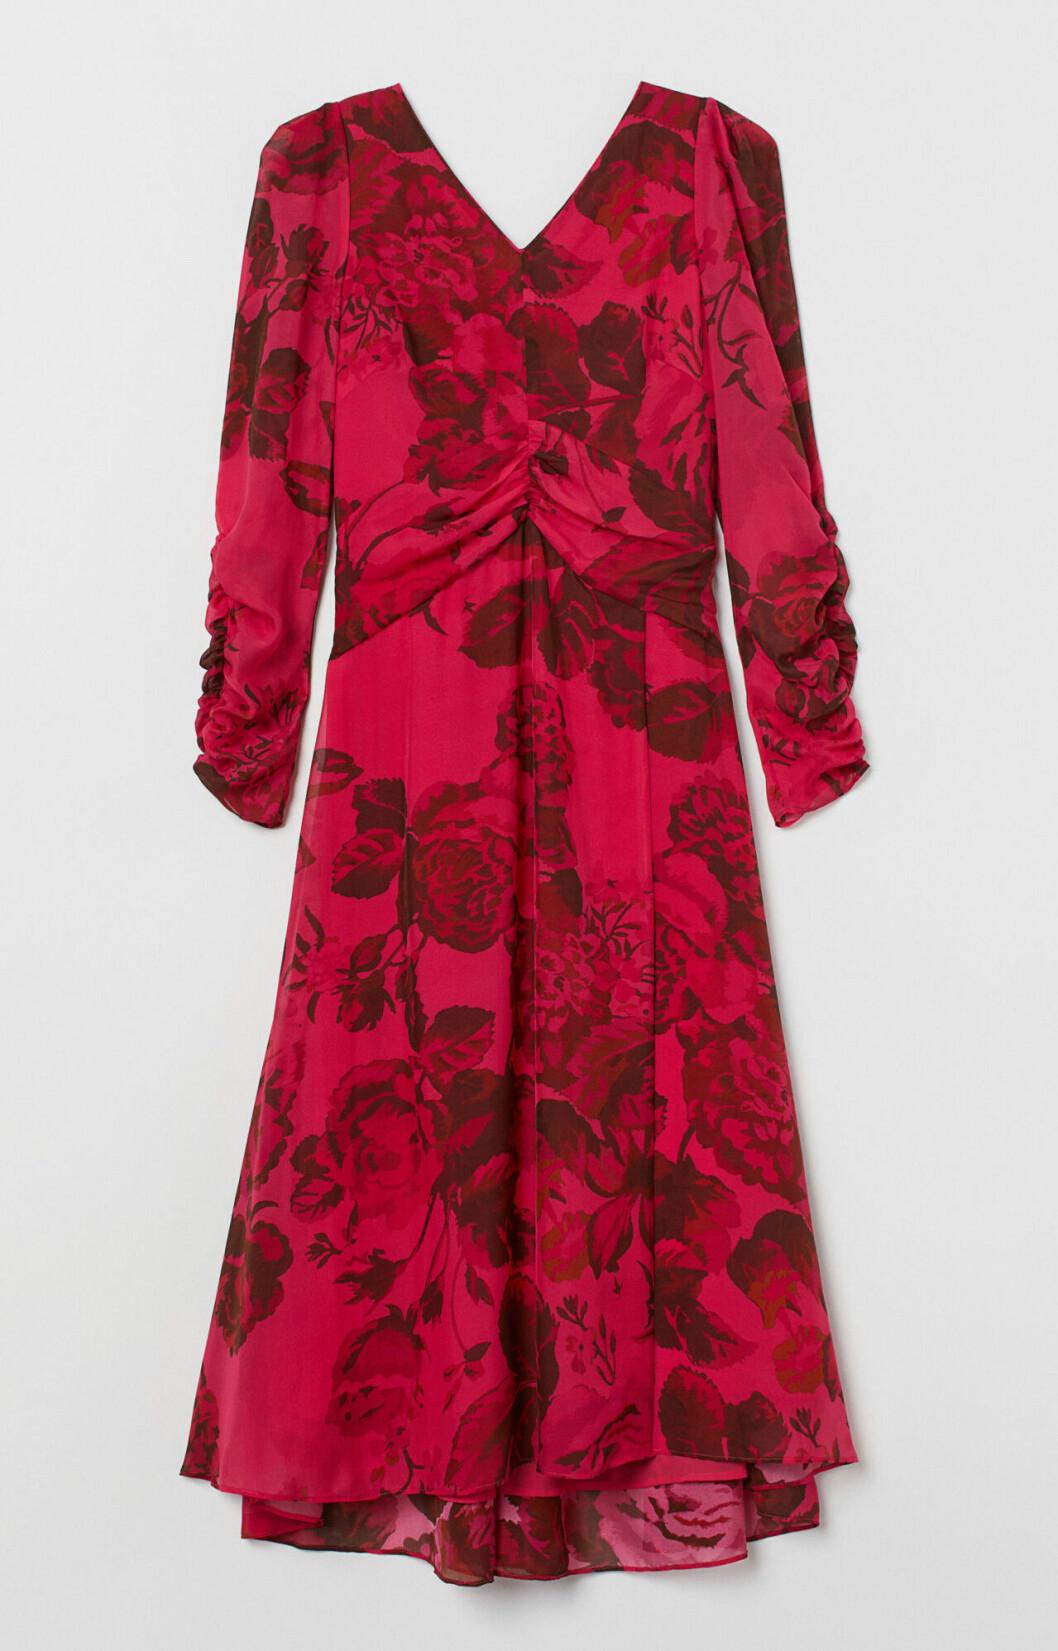 Rödblommig klänning som passar julfesten och julbordet